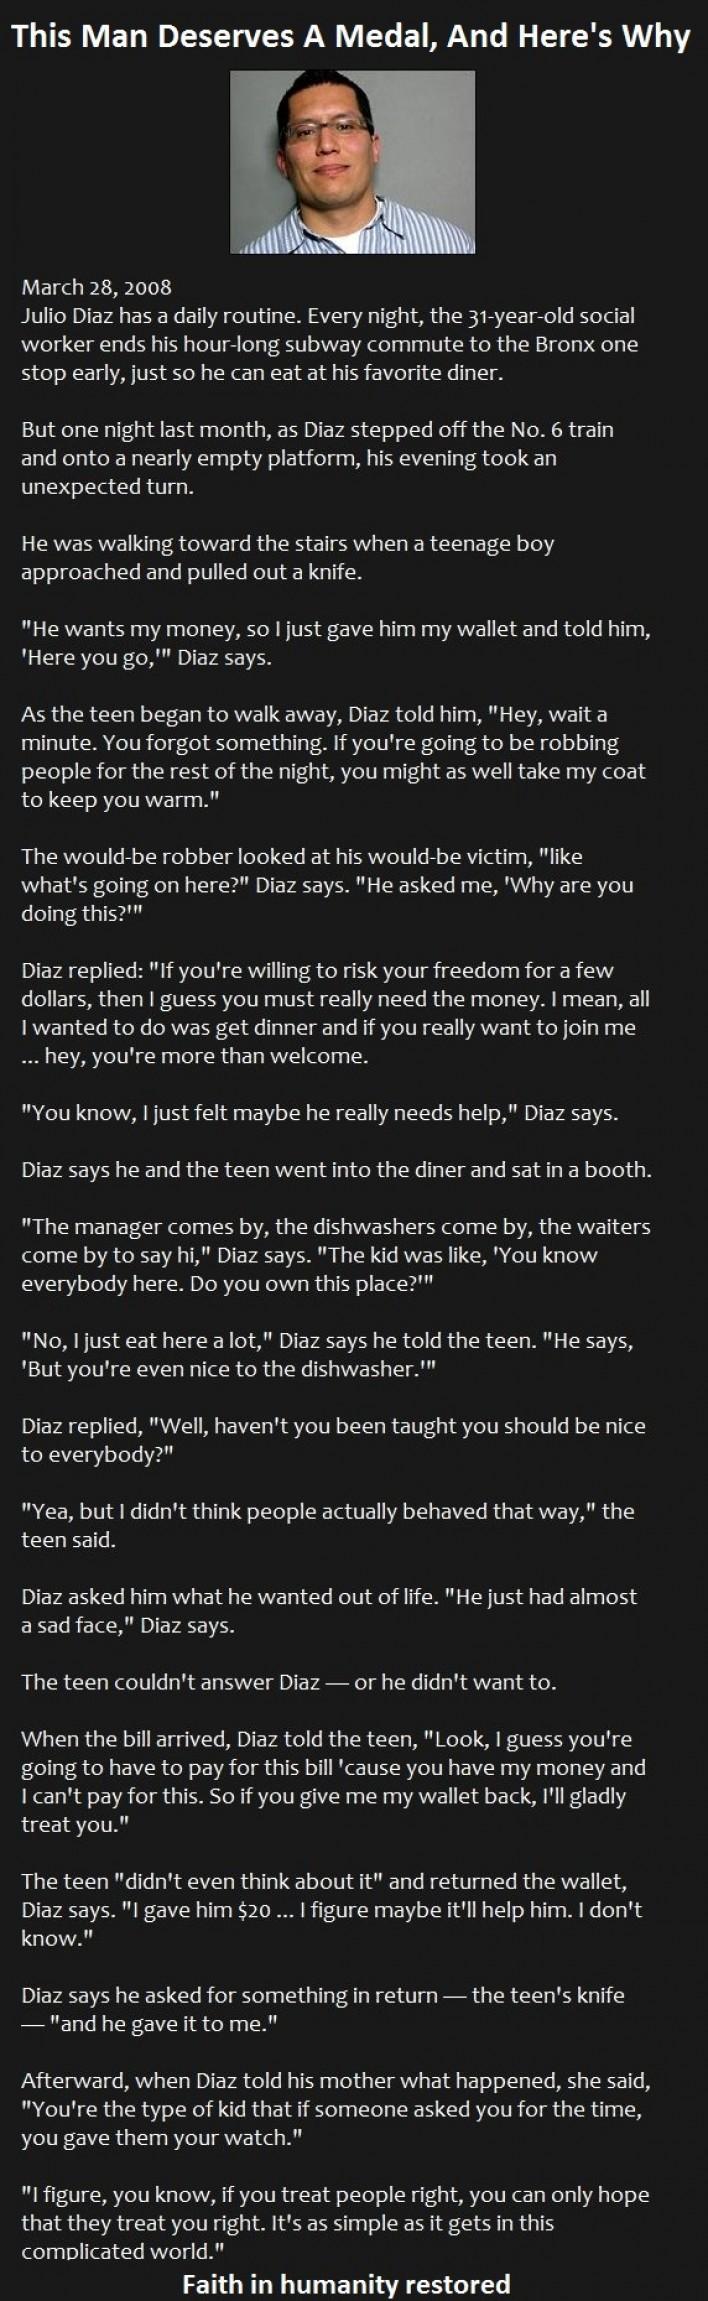 Man responds nonviolently to a mugger